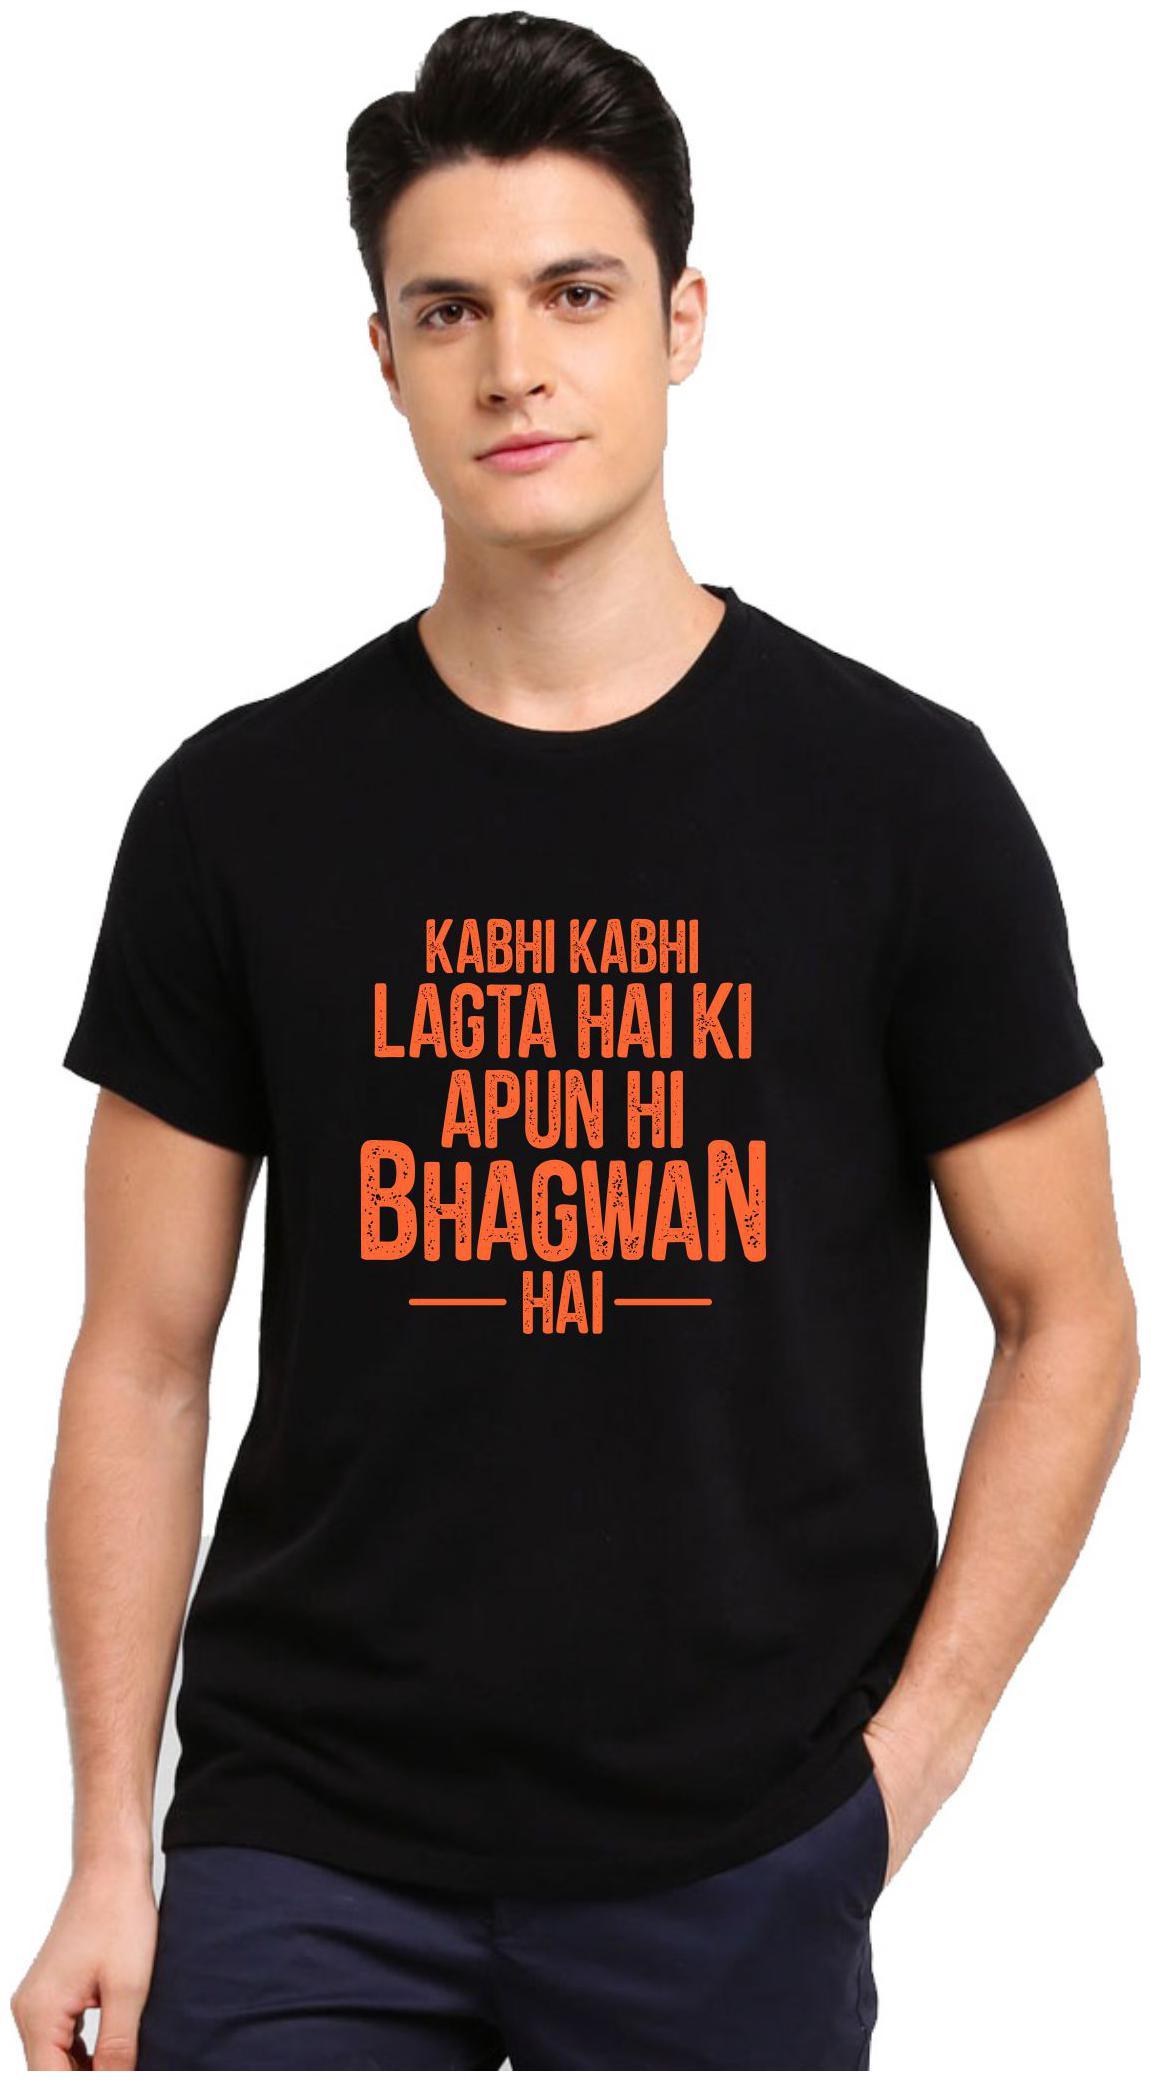 Kabhi Kabhi Lagta hai Apun hi Bhagwan hai Black T shirt